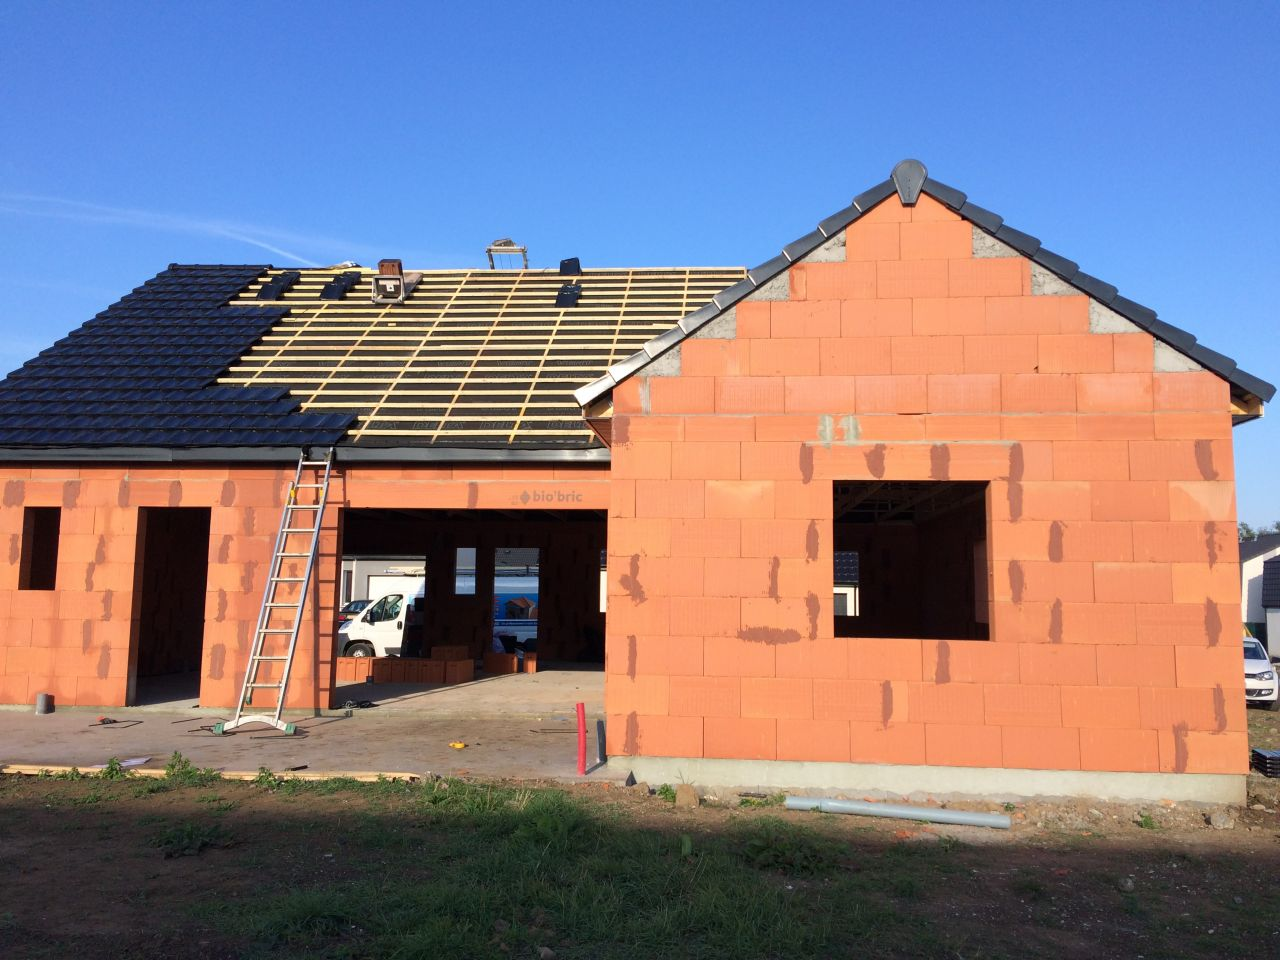 Construction sallaumines avec maison france confort lens for Forum maison france confort